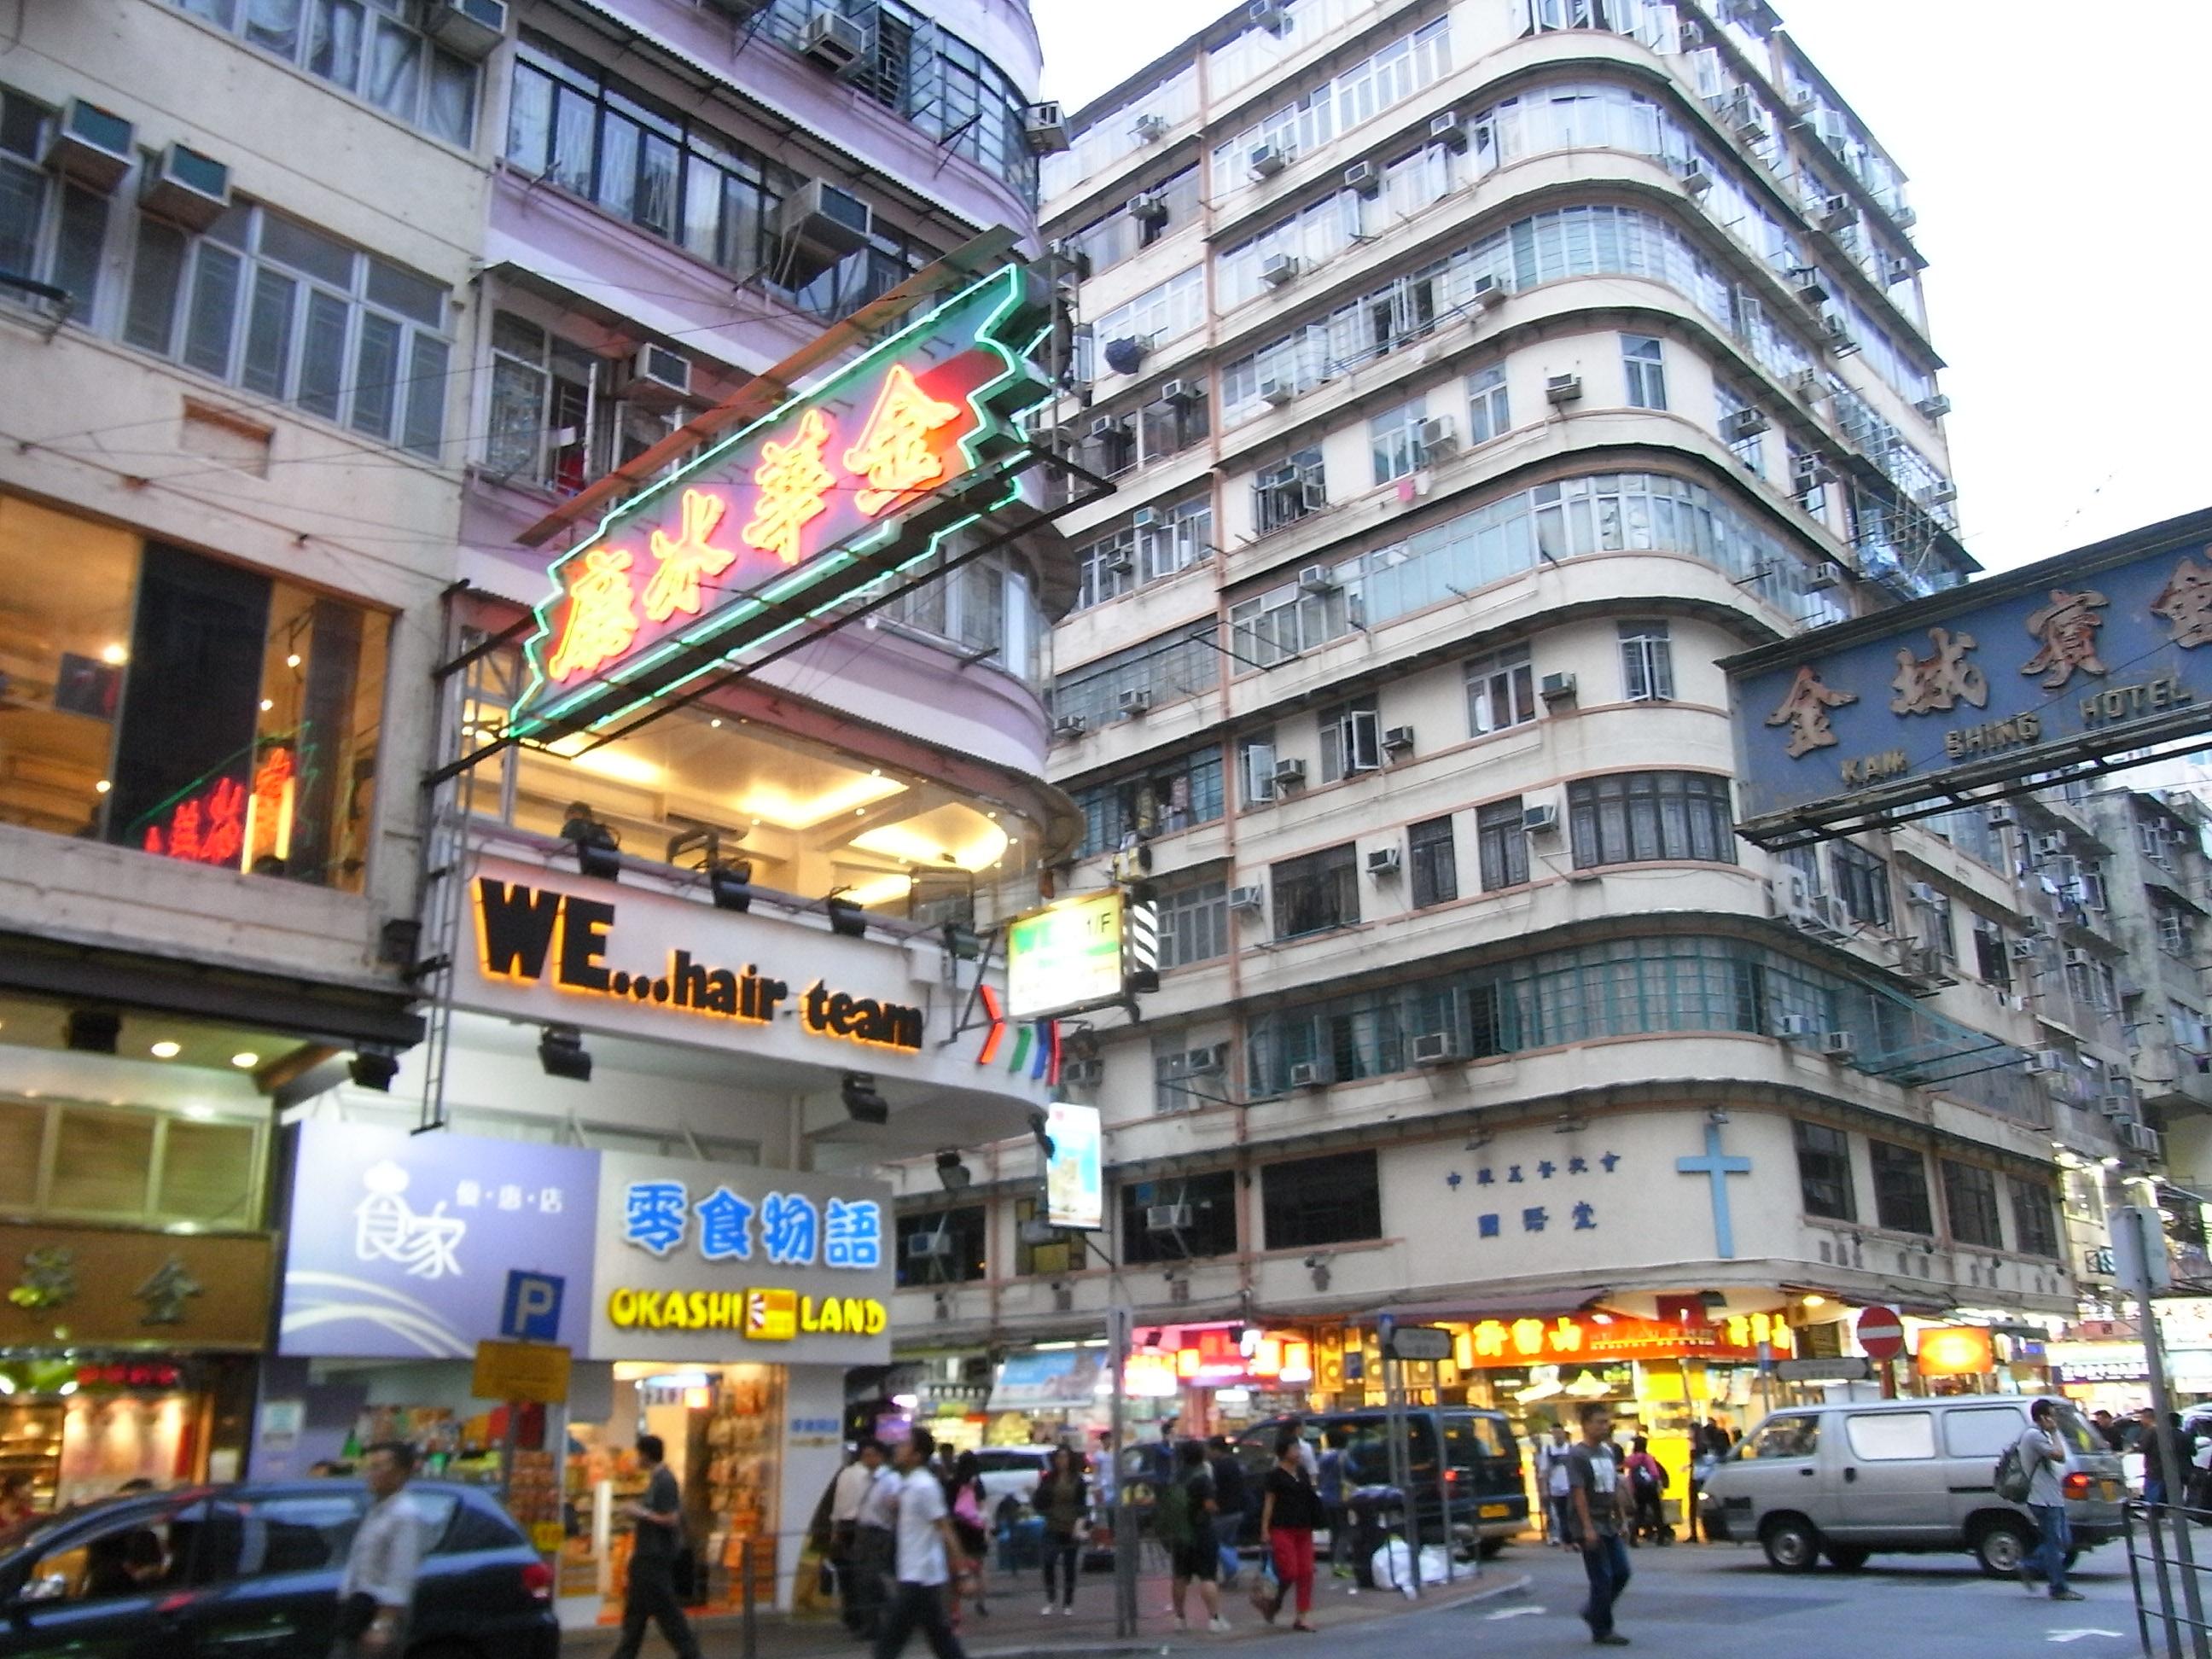 Hong Kong Street Food Recipes